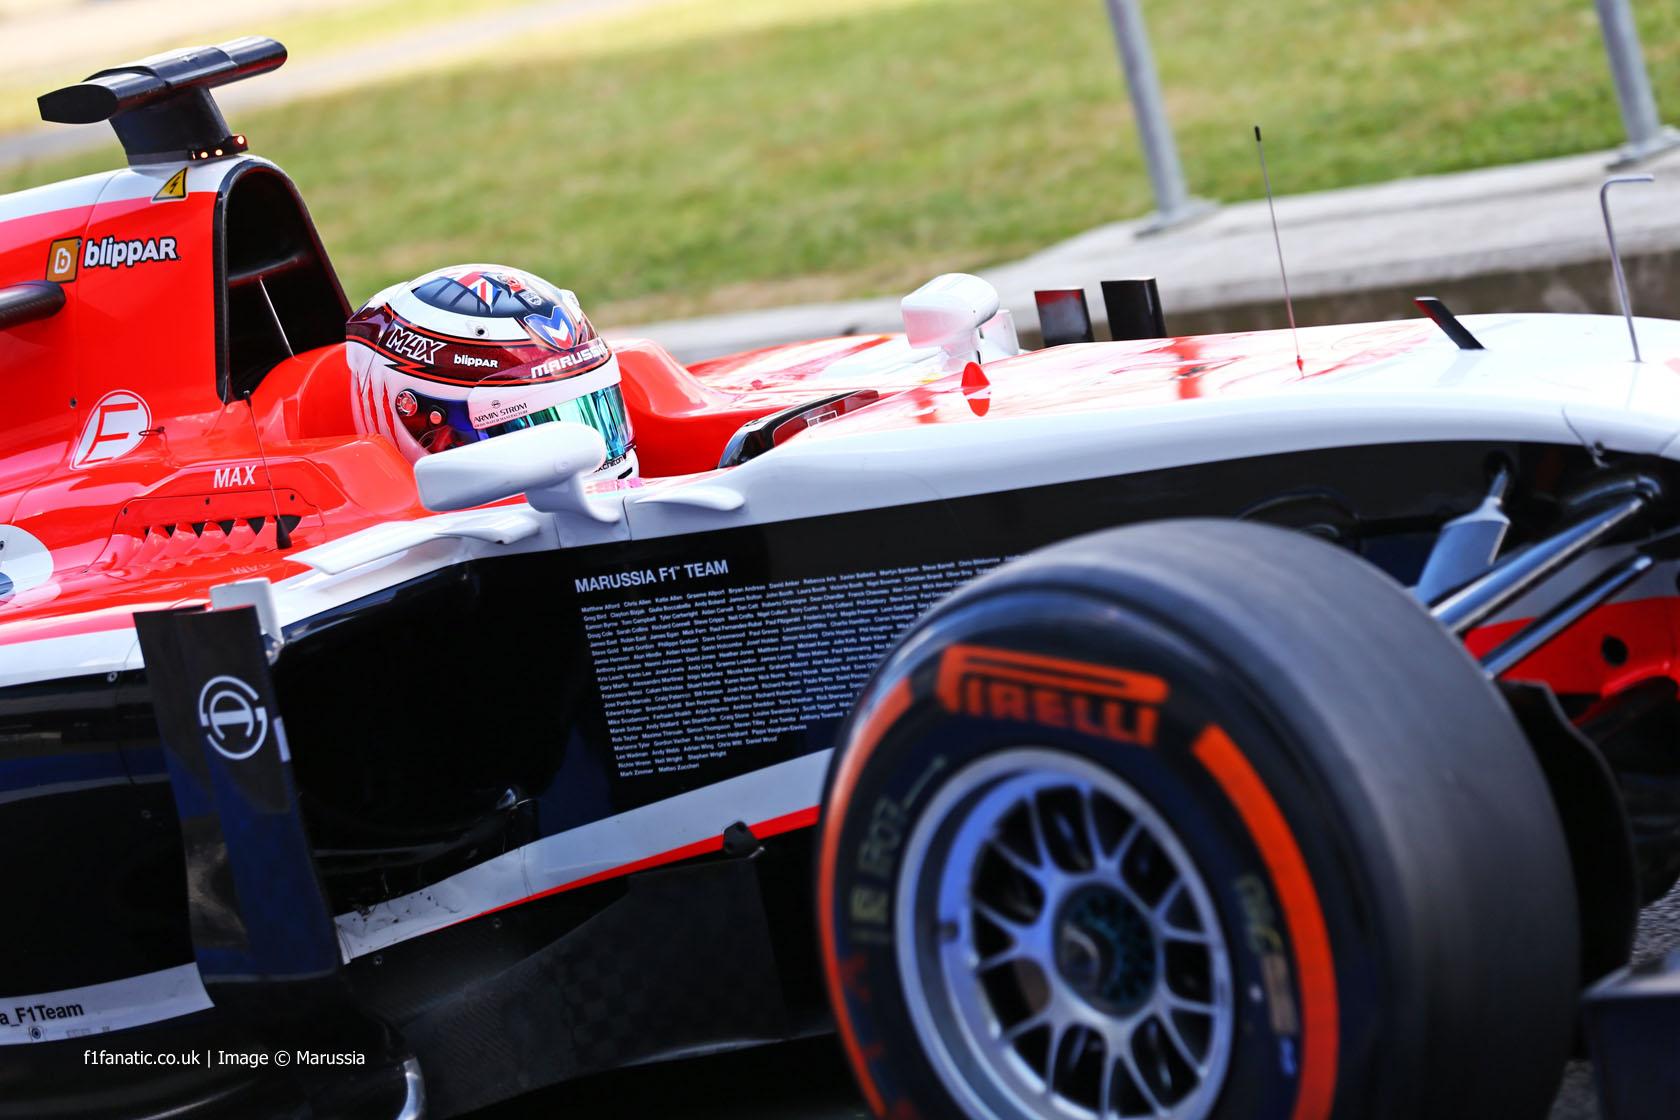 Max Chilton, Marussia, Silverstone test, 2014